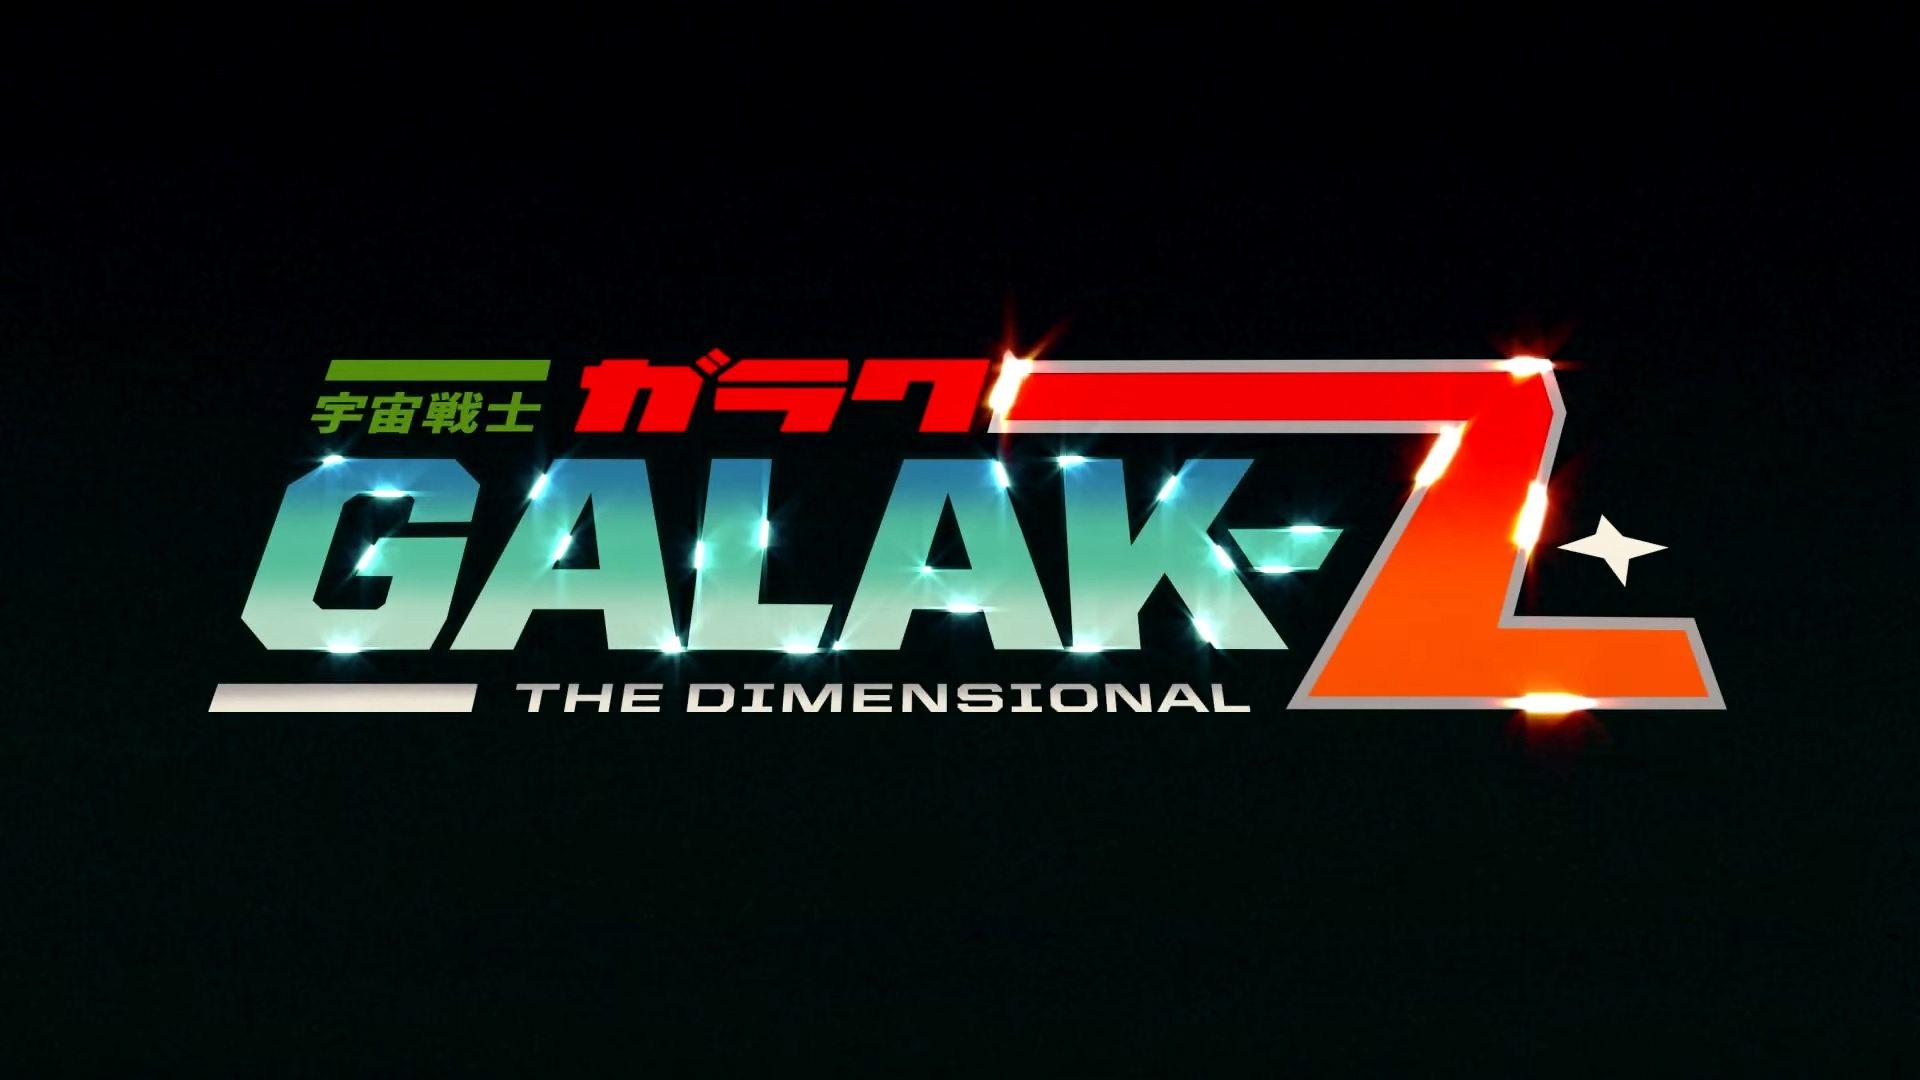 galak-z1